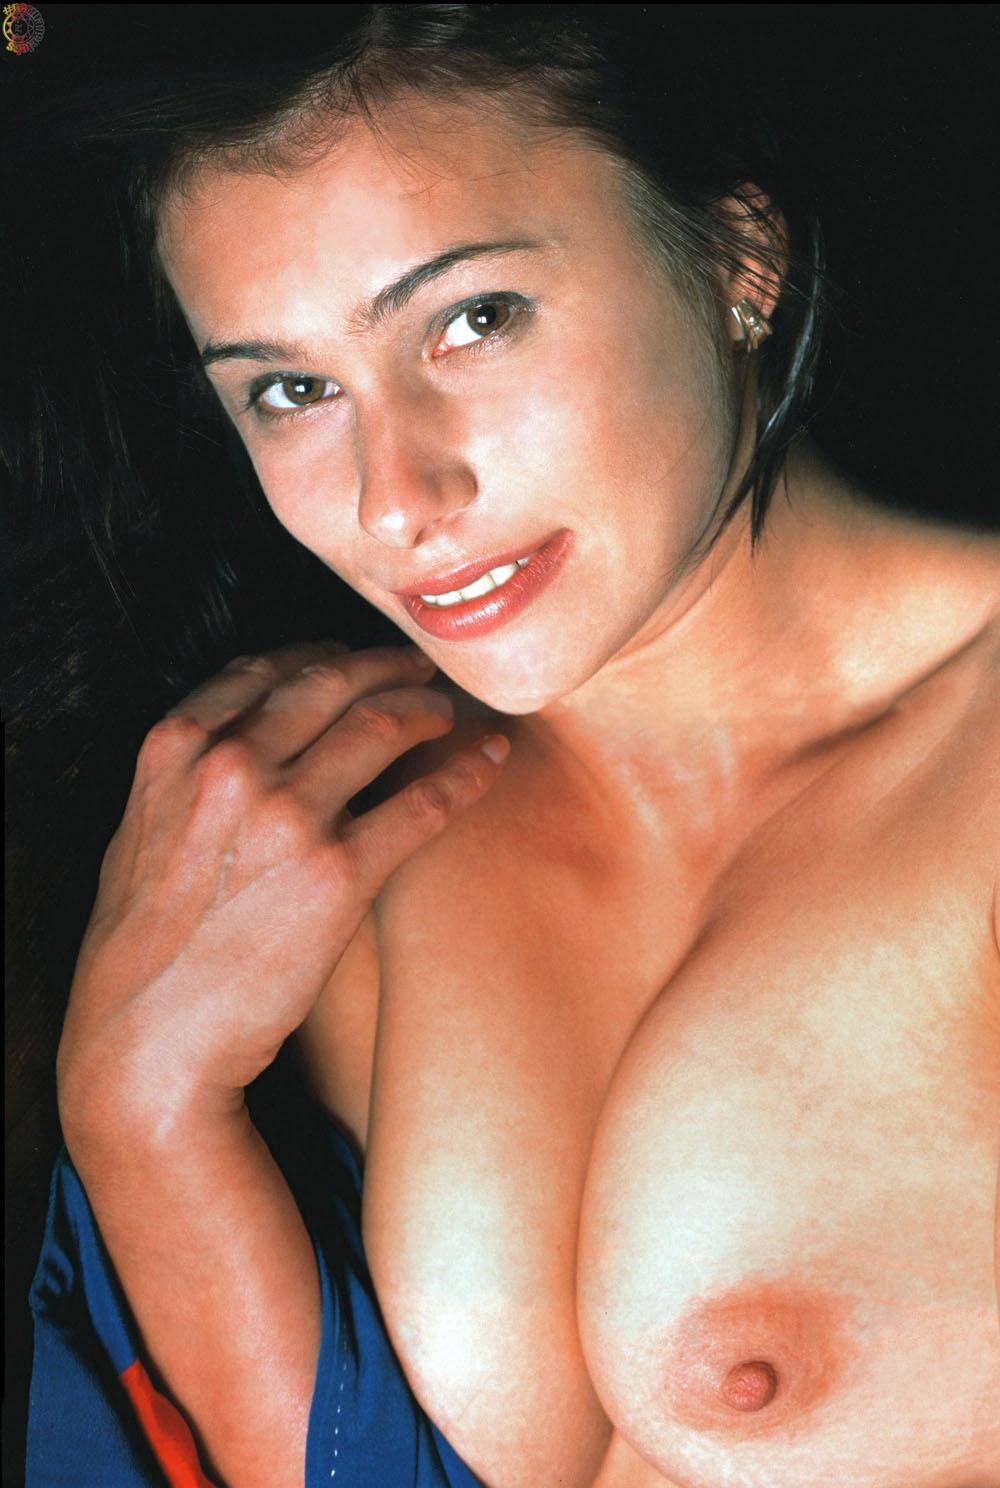 naked romanian gymnast